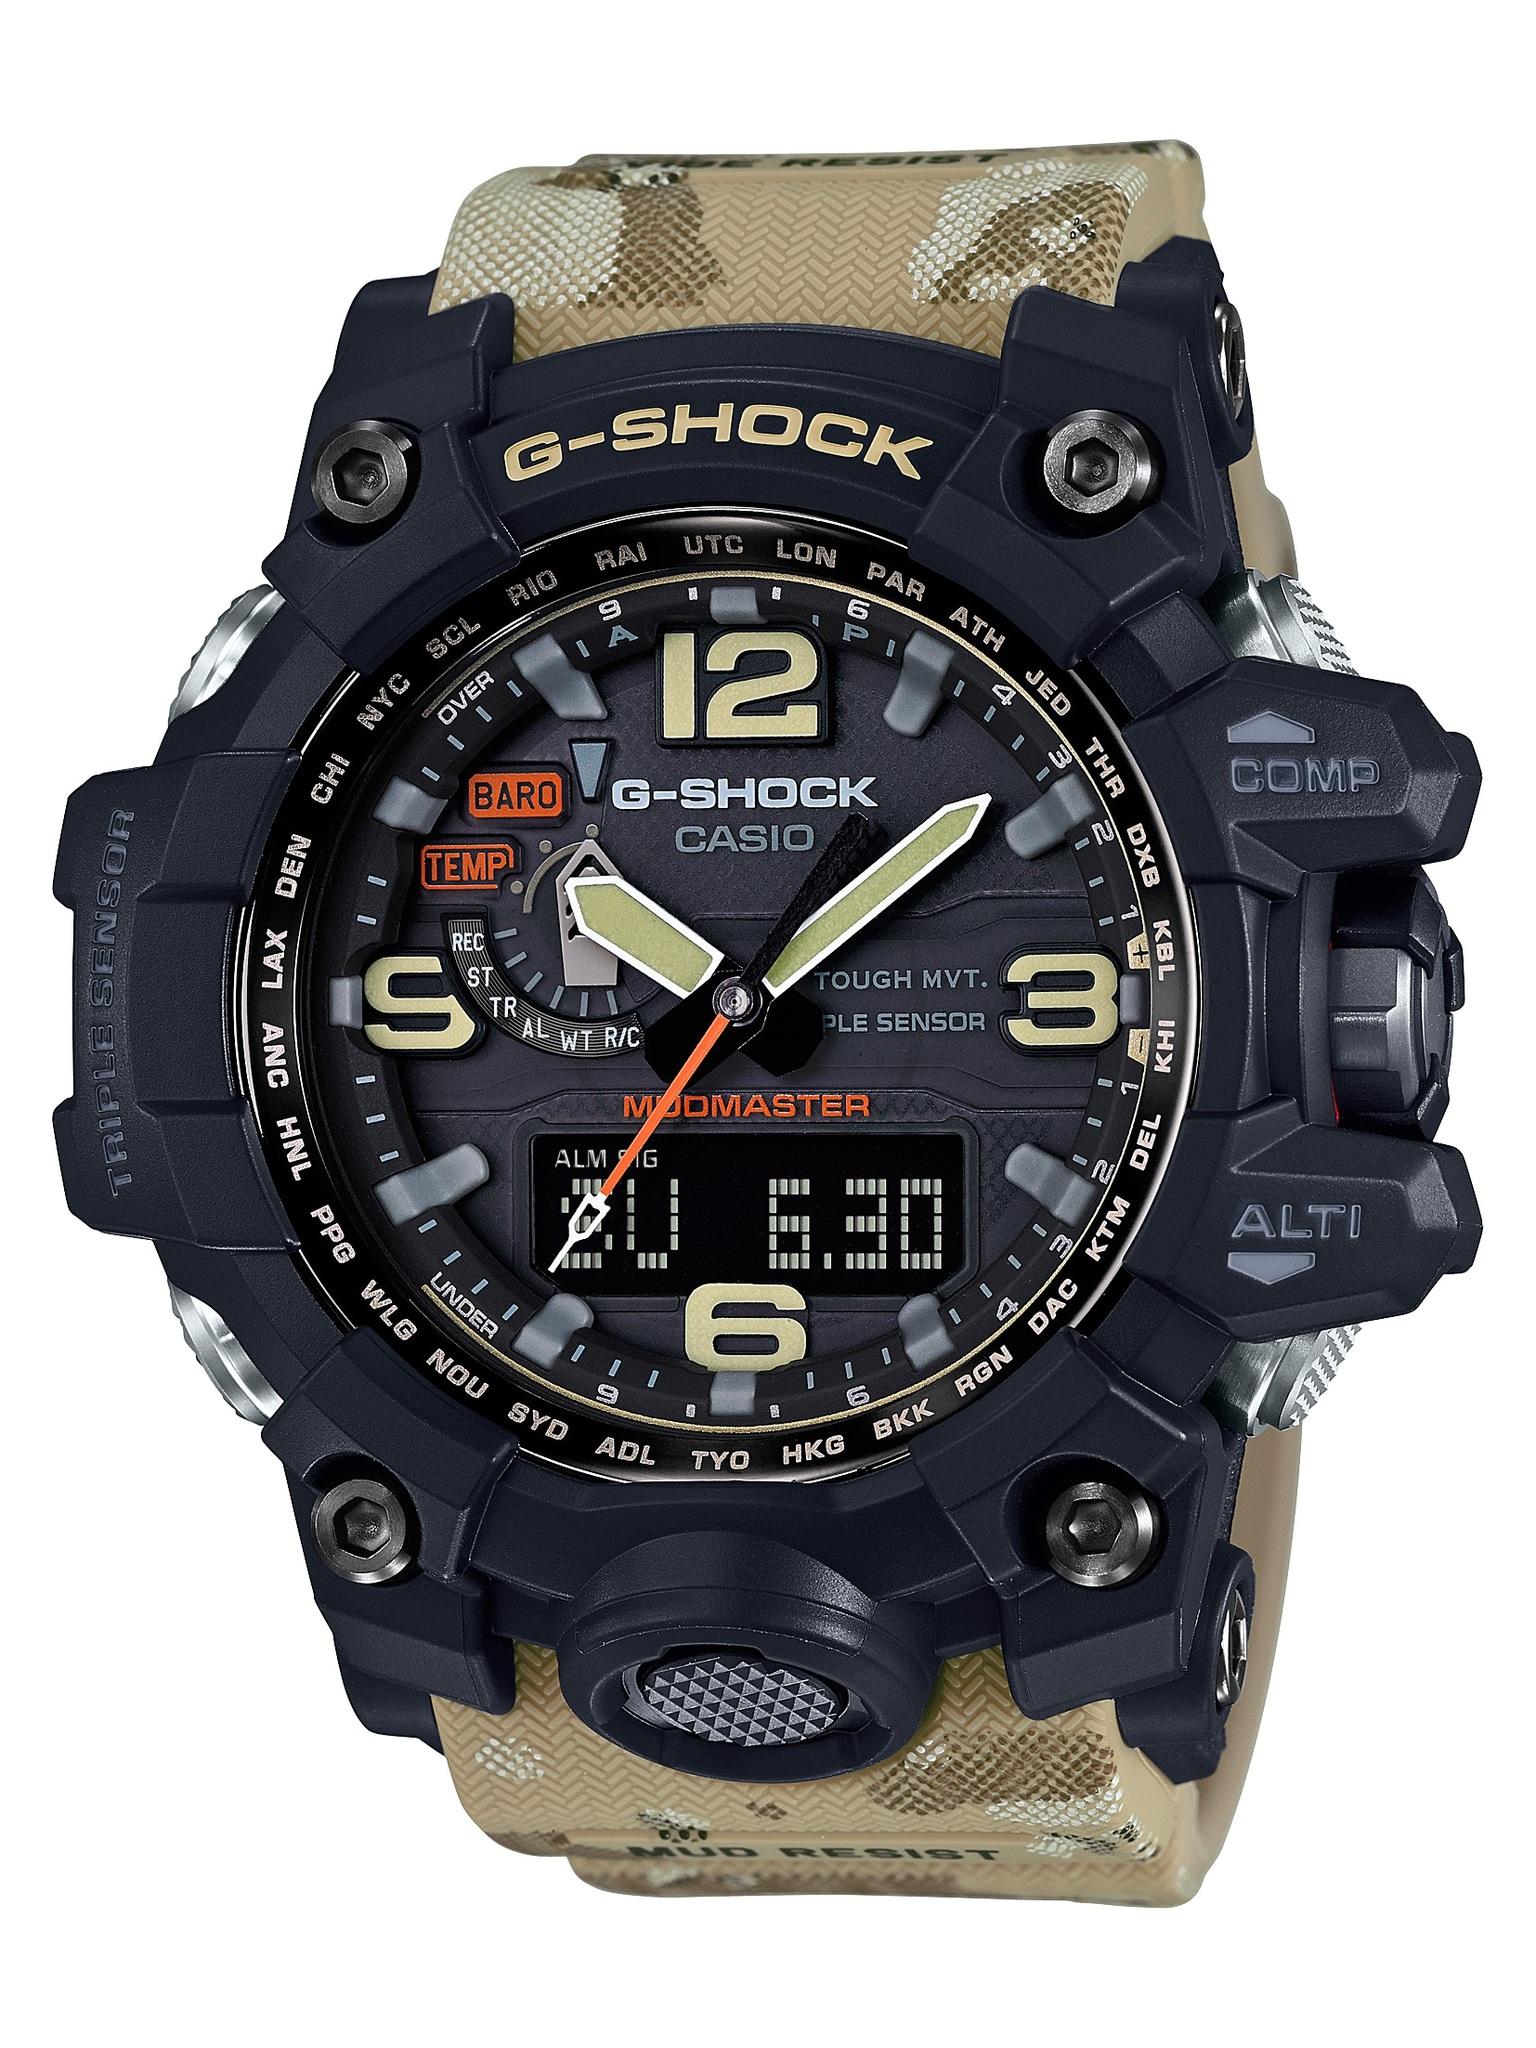 Casio G-SHOCK GWG-1000DC-1A5 / GWG-1000DC-1A5ER - мужские наручные часыCasio<br><br><br>Бренд: Casio<br>Модель: Casio GWG-1000DC-1A5<br>Артикул: GWG-1000DC-1A5<br>Вариант артикула: GWG-1000DC-1A5ER<br>Коллекция: G-SHOCK<br>Подколлекция: MUDMASTER<br>Страна: Япония<br>Пол: мужские<br>Тип механизма: кварцевые<br>Механизм: None<br>Количество камней: None<br>Автоподзавод: None<br>Источник энергии: от солнечной батареи<br>Срок службы элемента питания: None<br>Дисплей: None<br>Цифры: арабские<br>Водозащита: WR 200<br>Противоударные: есть<br>Материал корпуса: нерж. сталь + пластик<br>Материал браслета: пластик<br>Материал безеля: None<br>Стекло: сапфировое<br>Антибликовое покрытие: None<br>Цвет корпуса: None<br>Цвет браслета: None<br>Цвет циферблата: None<br>Цвет безеля: None<br>Размеры: None<br>Диаметр: None<br>Диаметр корпуса: None<br>Толщина: None<br>Ширина ремешка: None<br>Вес: 119 г<br>Спорт-функции: секундомер, таймер обратного отсчета, высотомер, барометр, термометр, компас<br>Подсветка: дисплея, стрелок<br>Вставка: None<br>Отображение даты: вечный календарь, число, день недели<br>Хронограф: None<br>Таймер: None<br>Термометр: None<br>Хронометр: None<br>GPS: None<br>Радиосинхронизация: есть<br>Барометр: None<br>Скелетон: None<br>Дополнительная информация: ежечасный сигнал, функция сохранения энергии, функция включения/отключения звука кнопок, функция Flash alert, функция перемещения стрелок, виброзащита, защита от грязи, время работы аккумулятора без подзарядки с использованием функции сохранения энергии 25 месяцев<br>Дополнительные функции: индикатор запаса хода, второй часовой пояс, будильник (количество установок: 5)